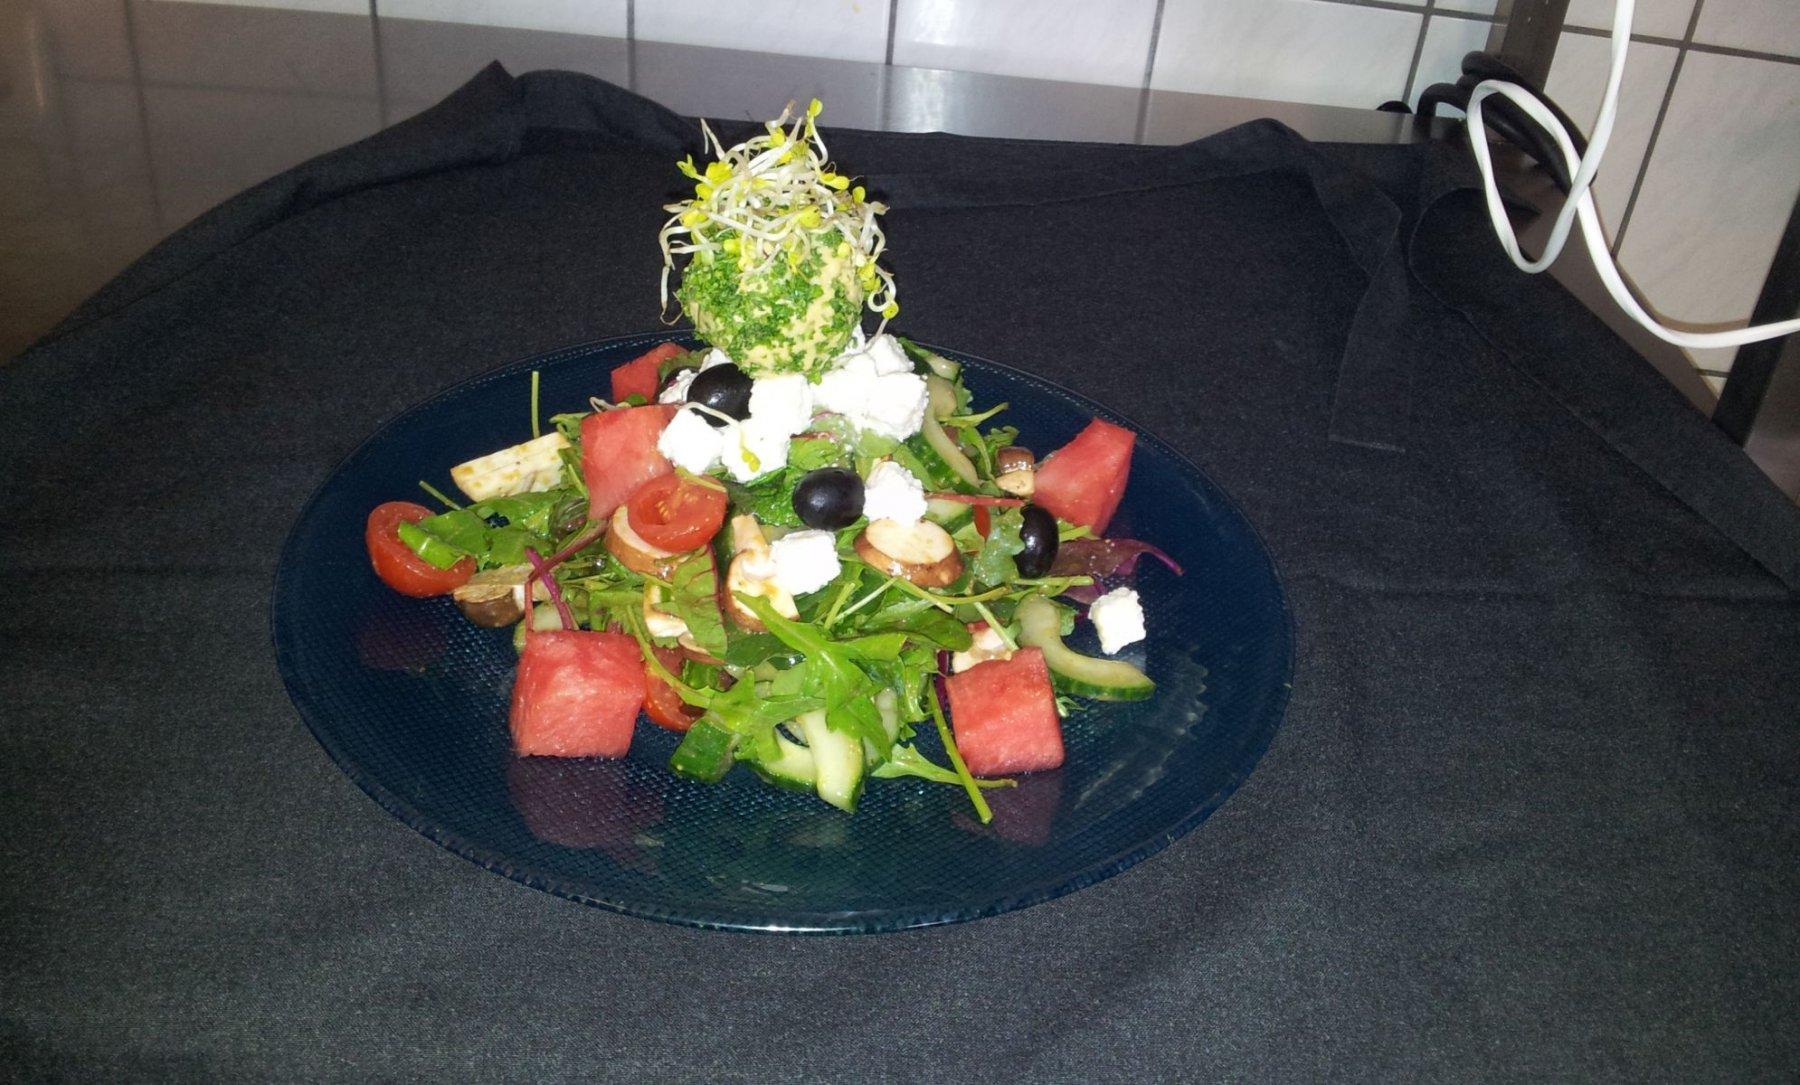 Sommersalat-mit-Melone-Oliven-mariniertem-Scahfskäse-und-Ananas-Petersilien-Eis-mit-Radieschensprossen